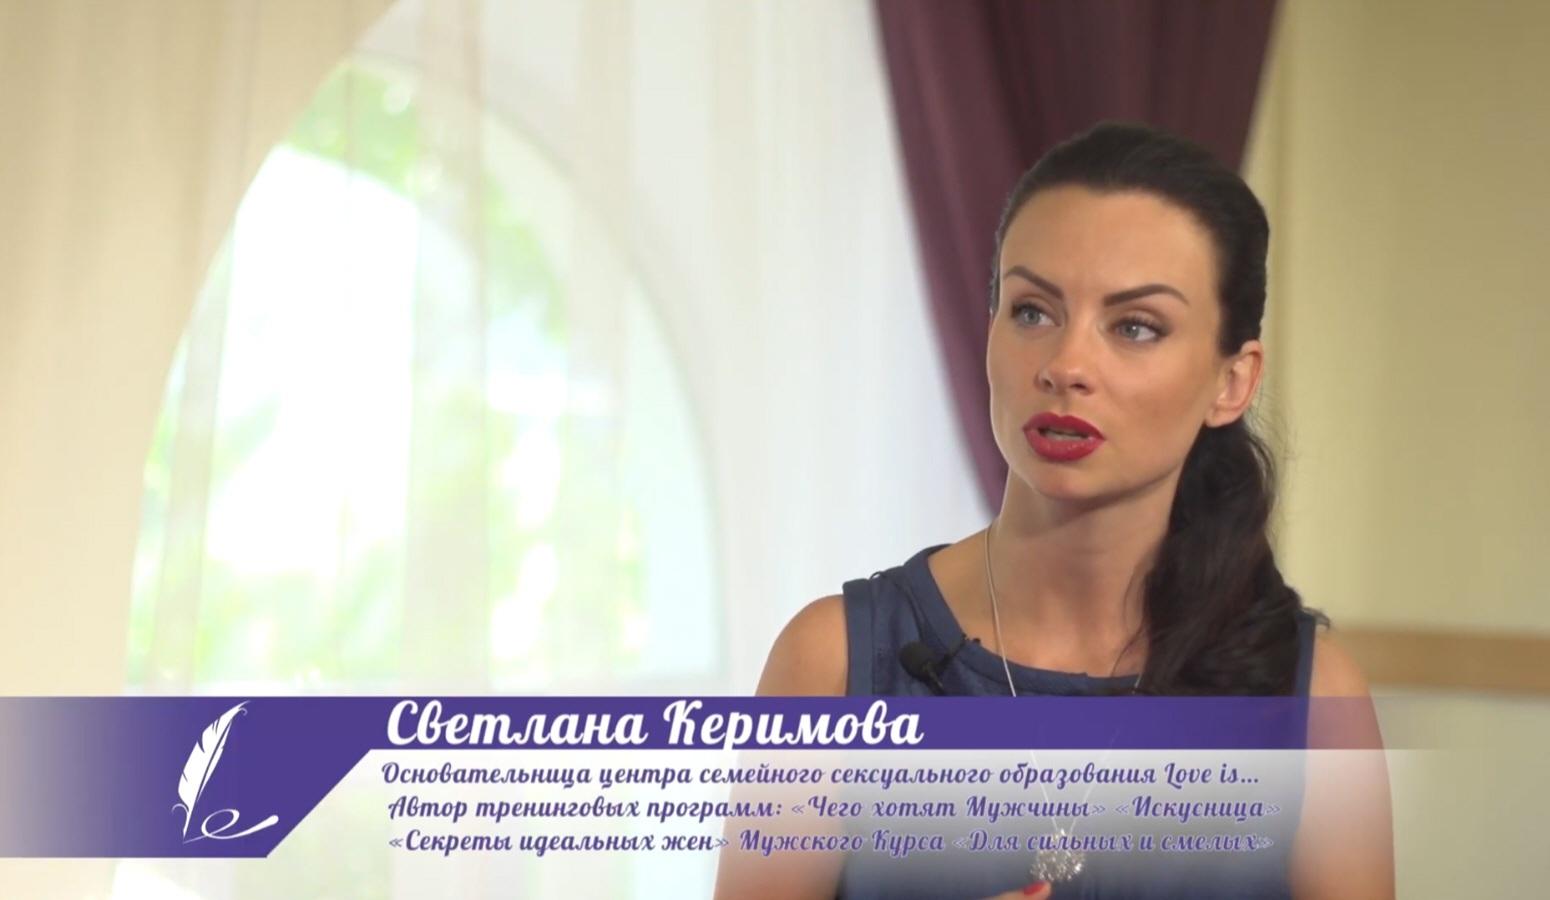 Светлана Керимова - основательница центра семейного сексуального образования Love is